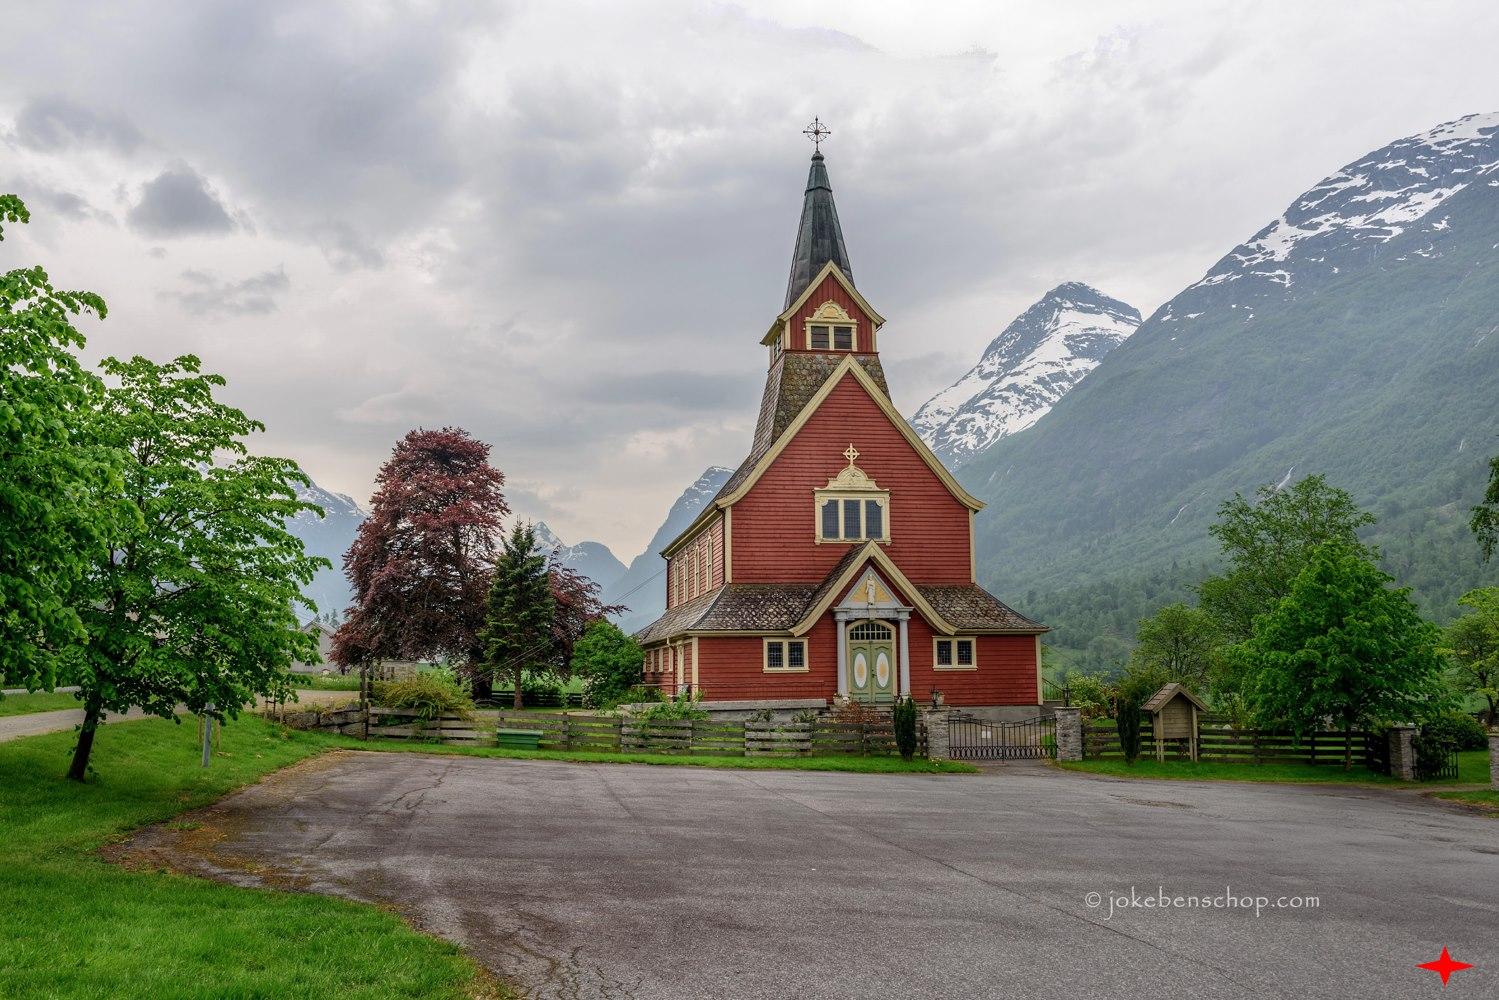 Kerkje in Olden Noorwegen